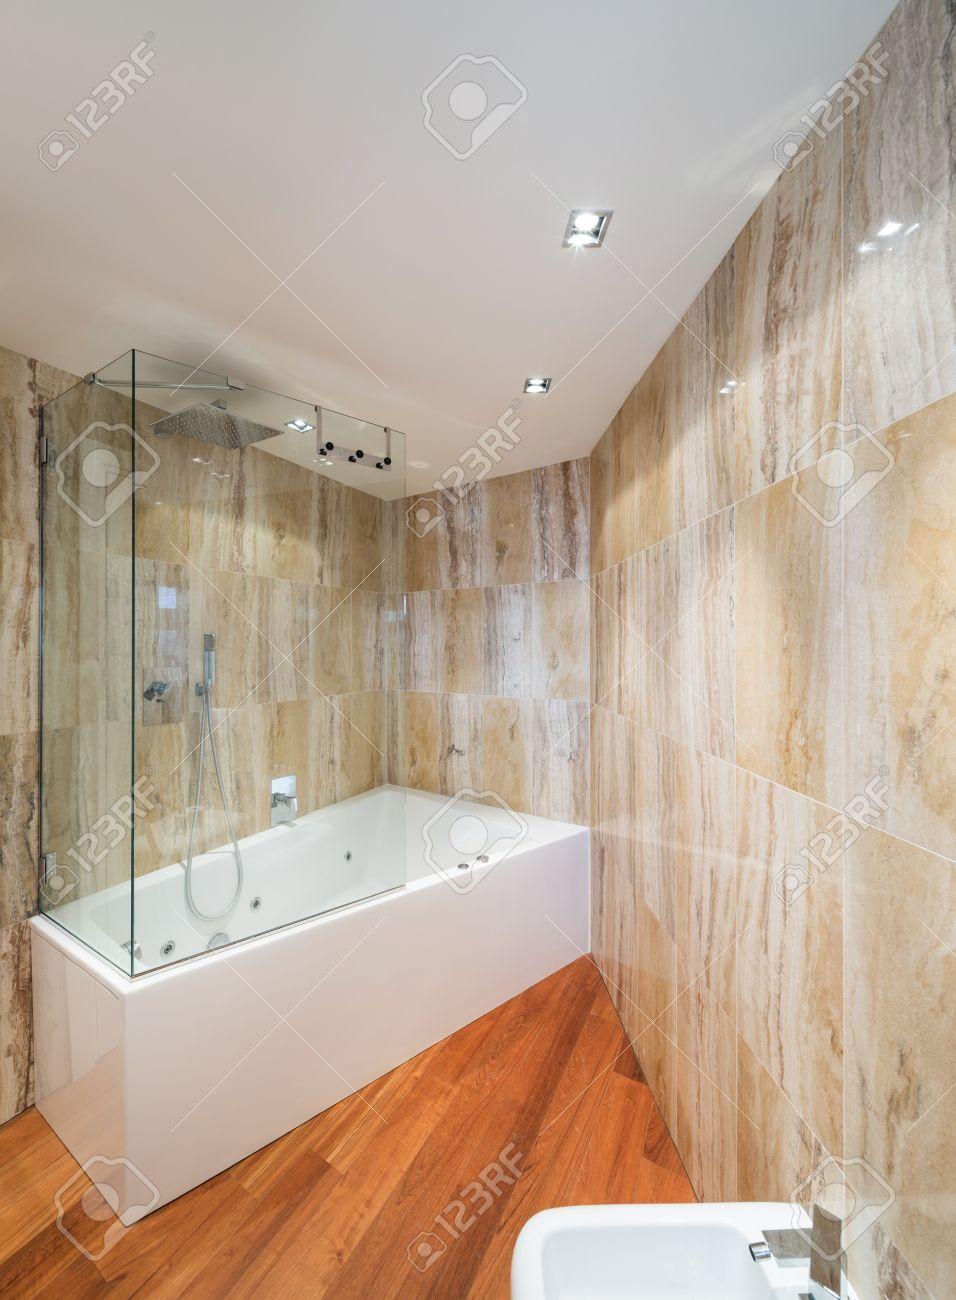 intérieur de salle de bains en marbre avec baignoire design moderne